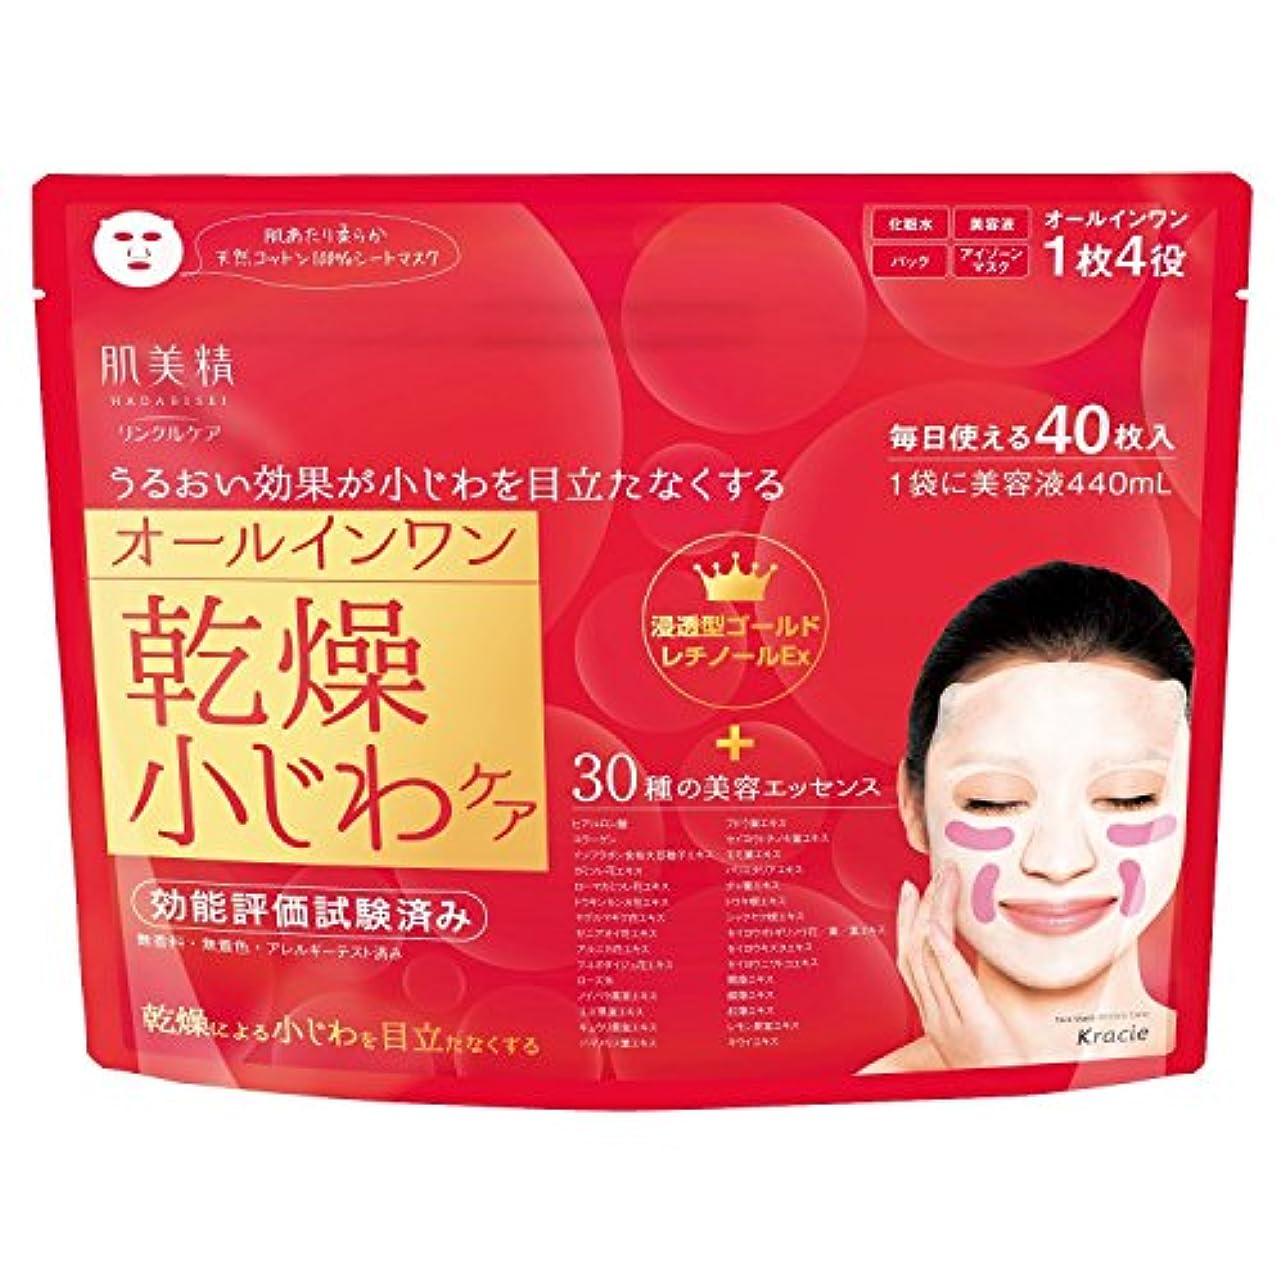 肌美精 リンクルケア美容液マスク 40枚 × 5個